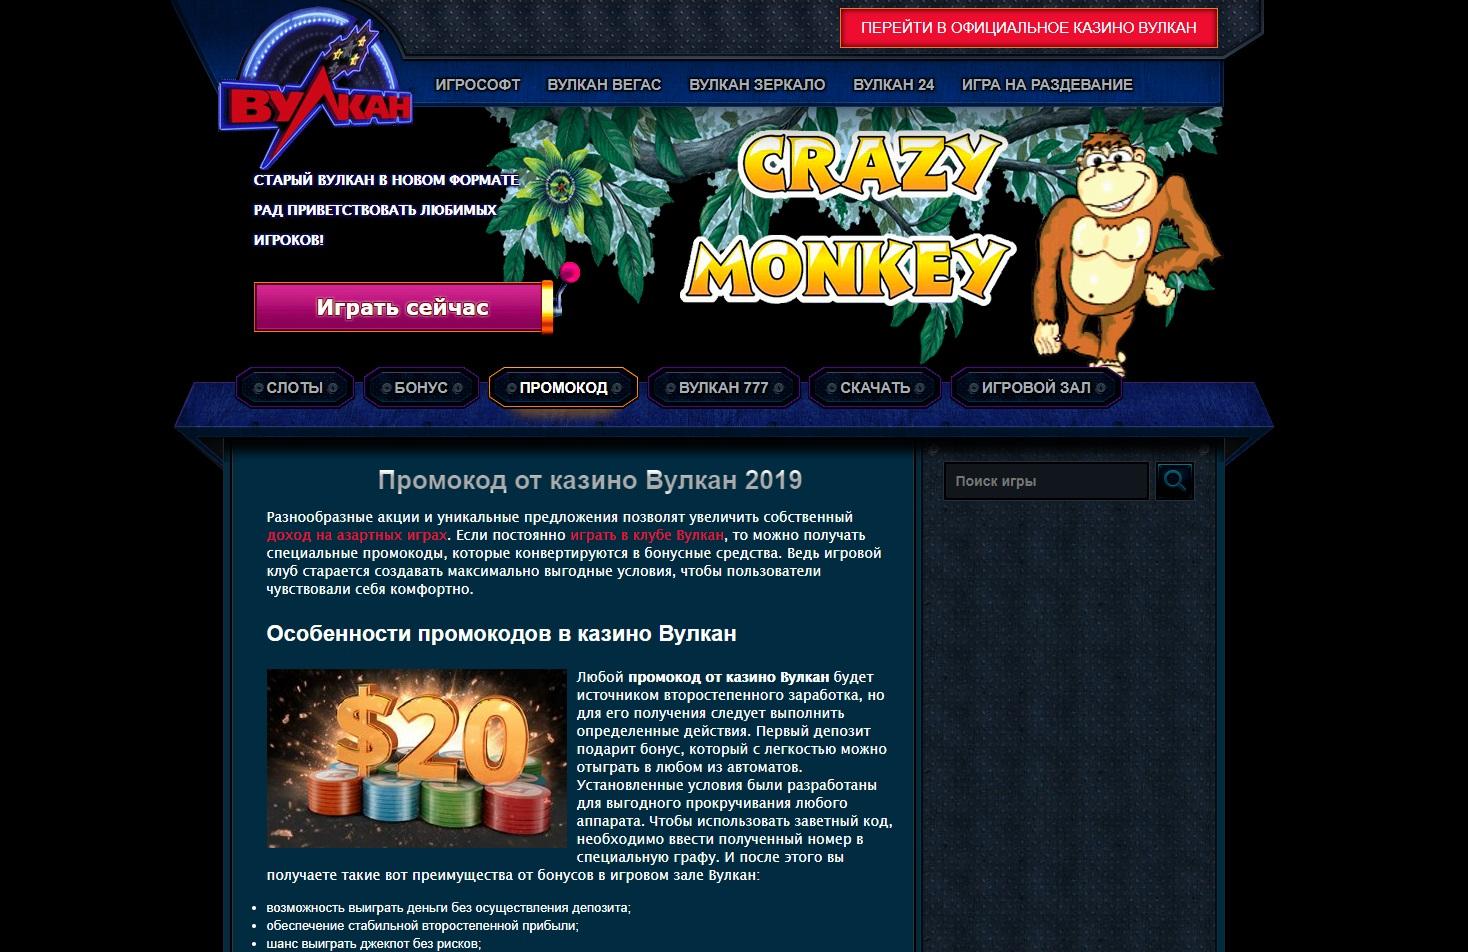 промокоды на бонусы онлайн казино